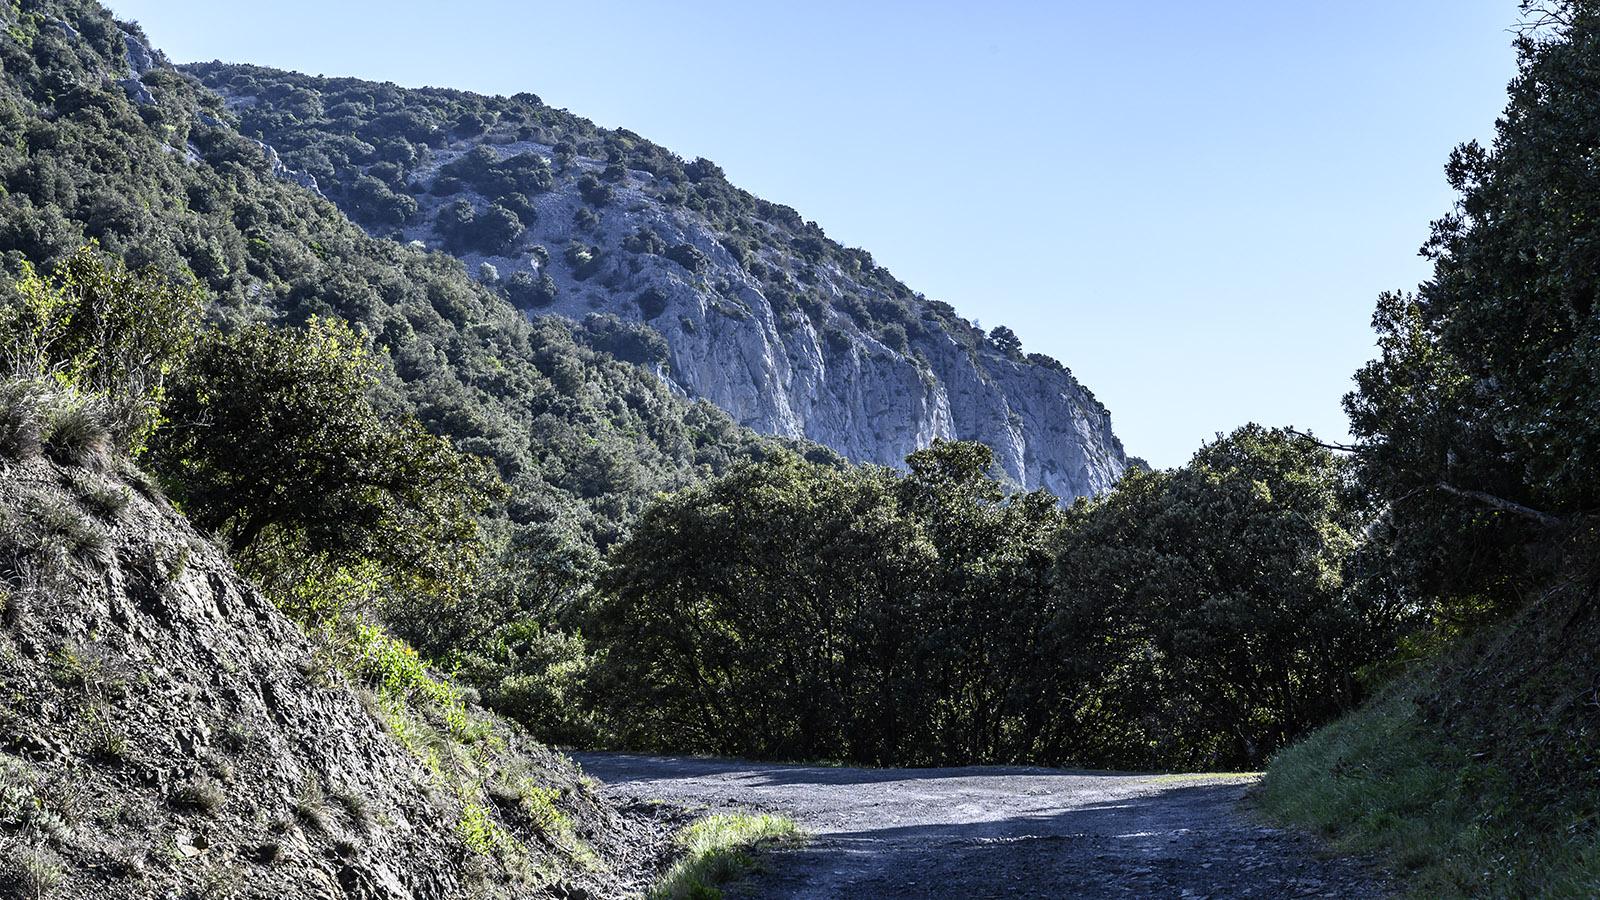 Mit diesen Felsen im Blick verlasst ihr das Dorf. Foto: Hilke Maunder